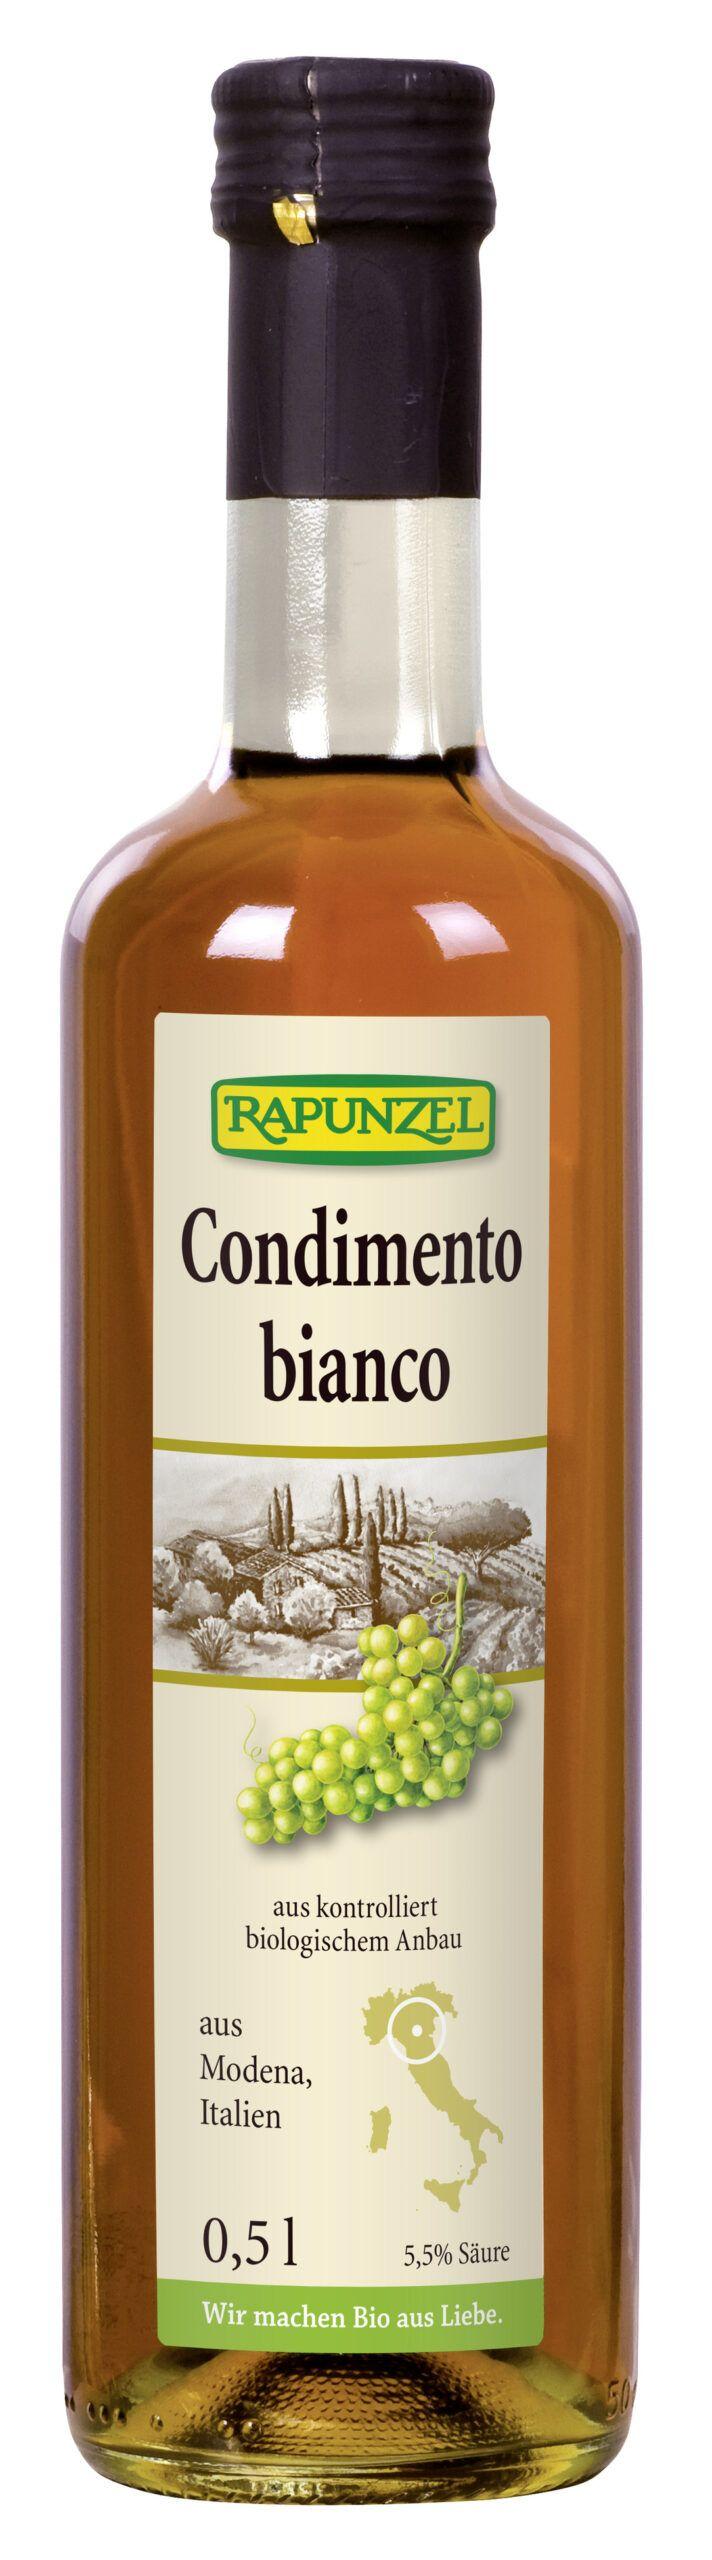 Rapunzel Condimento Bianco 0,5l